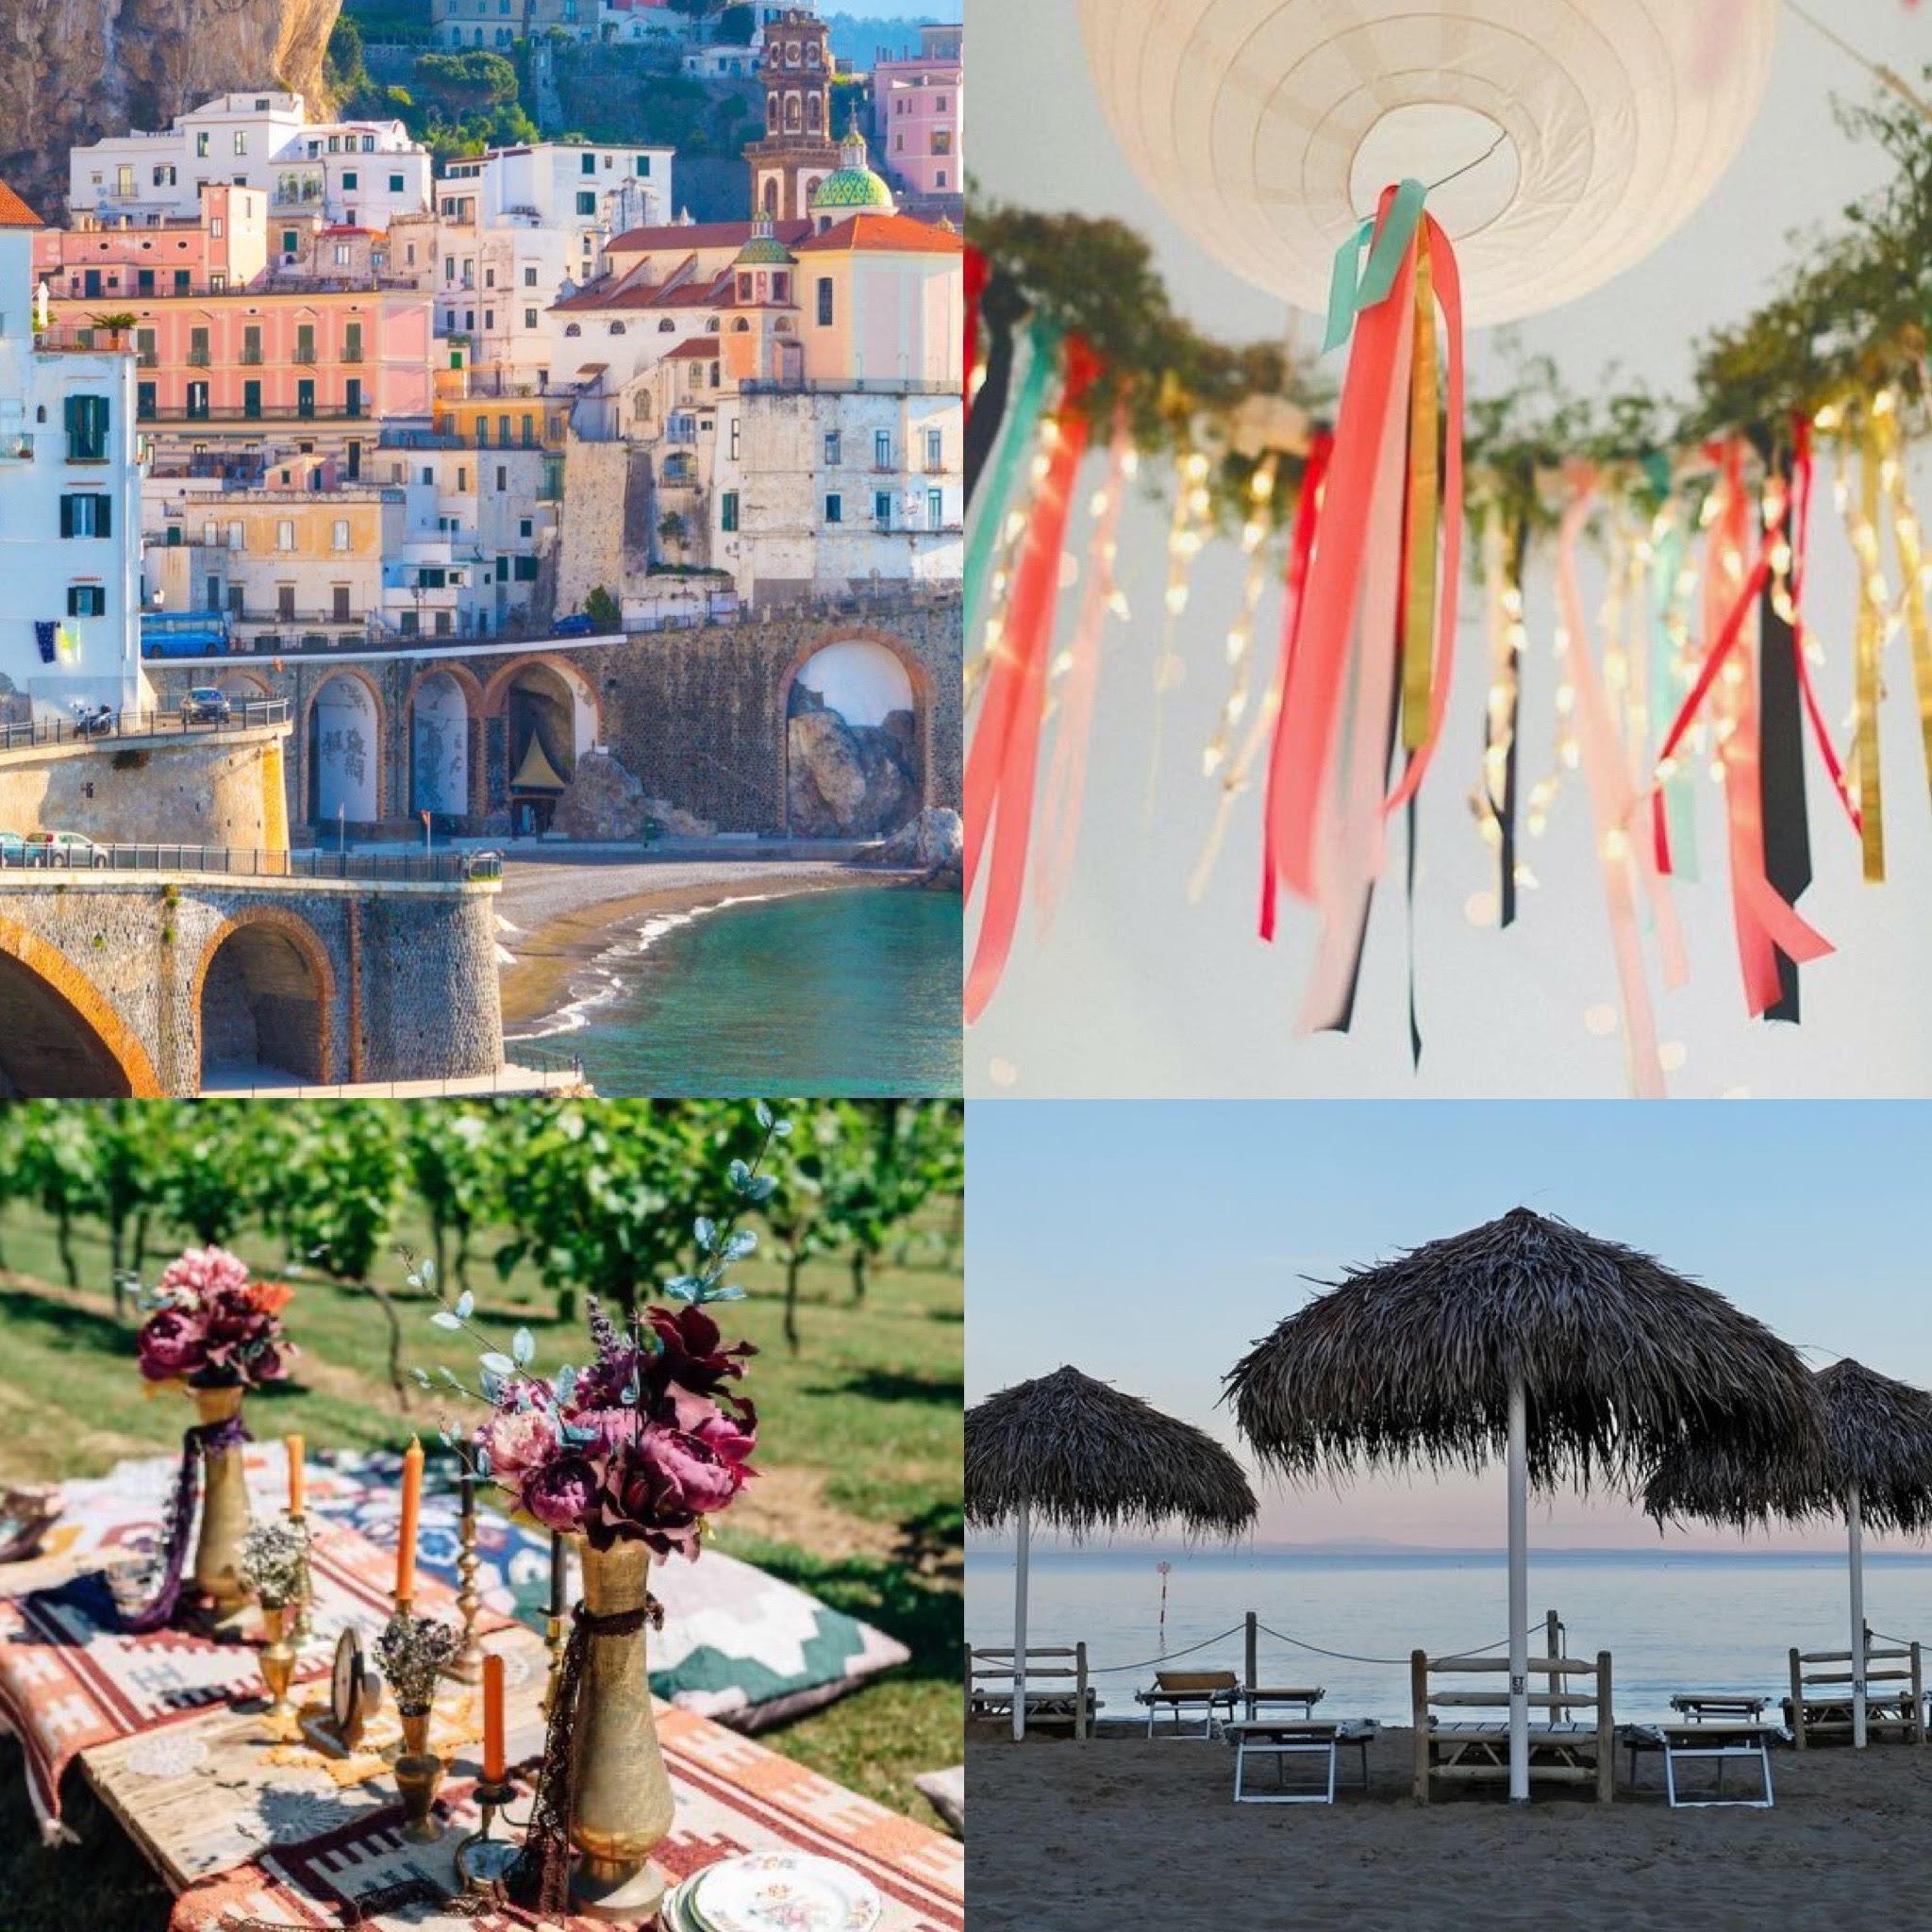 eventi giugno 2021 in italia. Scopri il divertimento nel weekend da oggi fino a fine giugno.